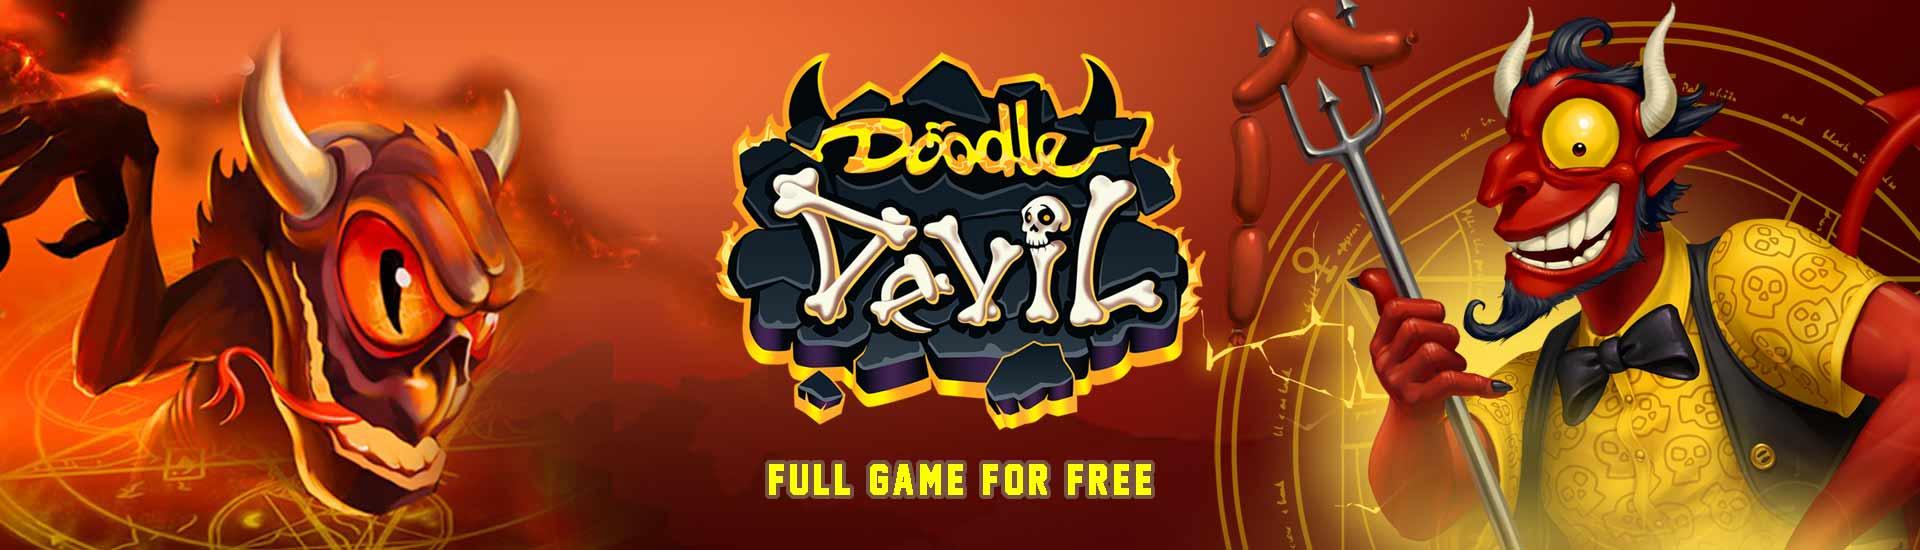 Doodle Devil PC Gratis